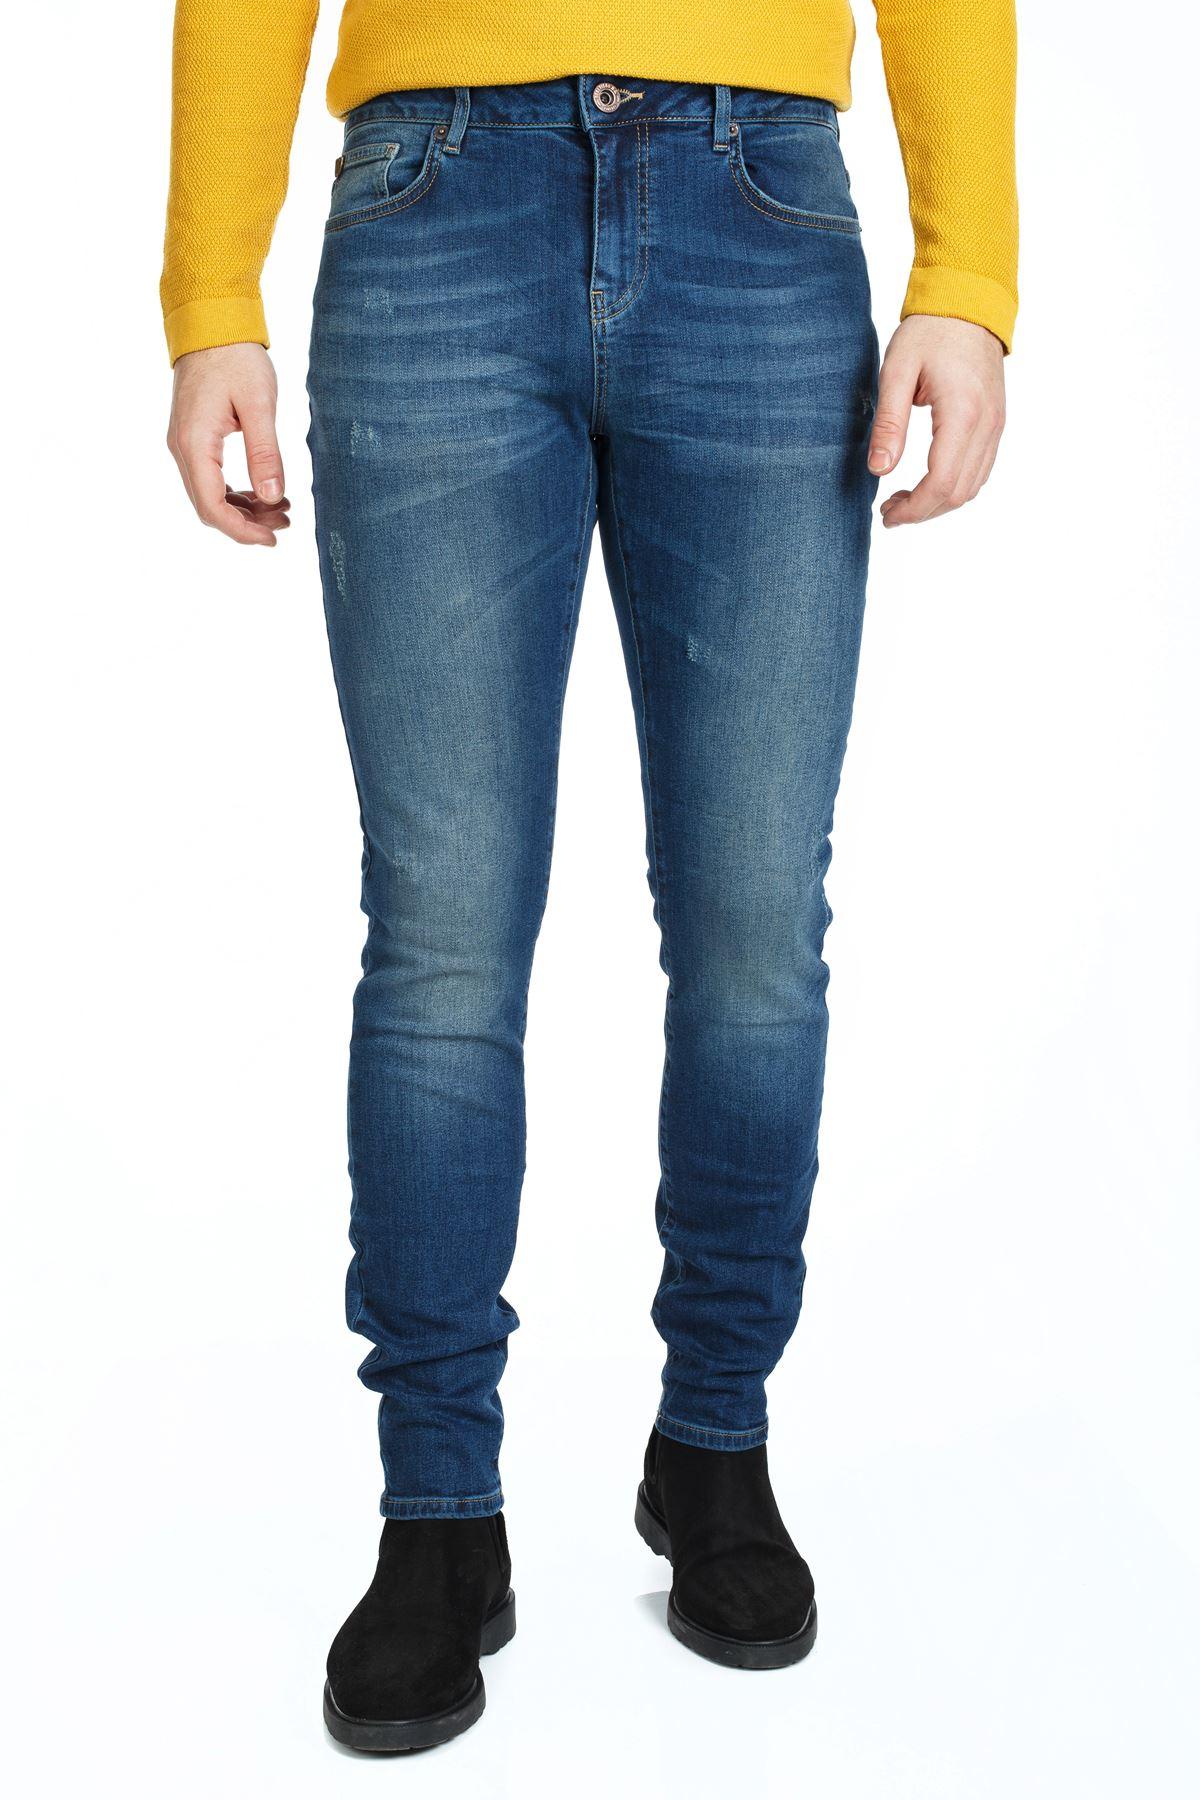 Mavi Renk Slim Kalıp Denim Kot Pantolon